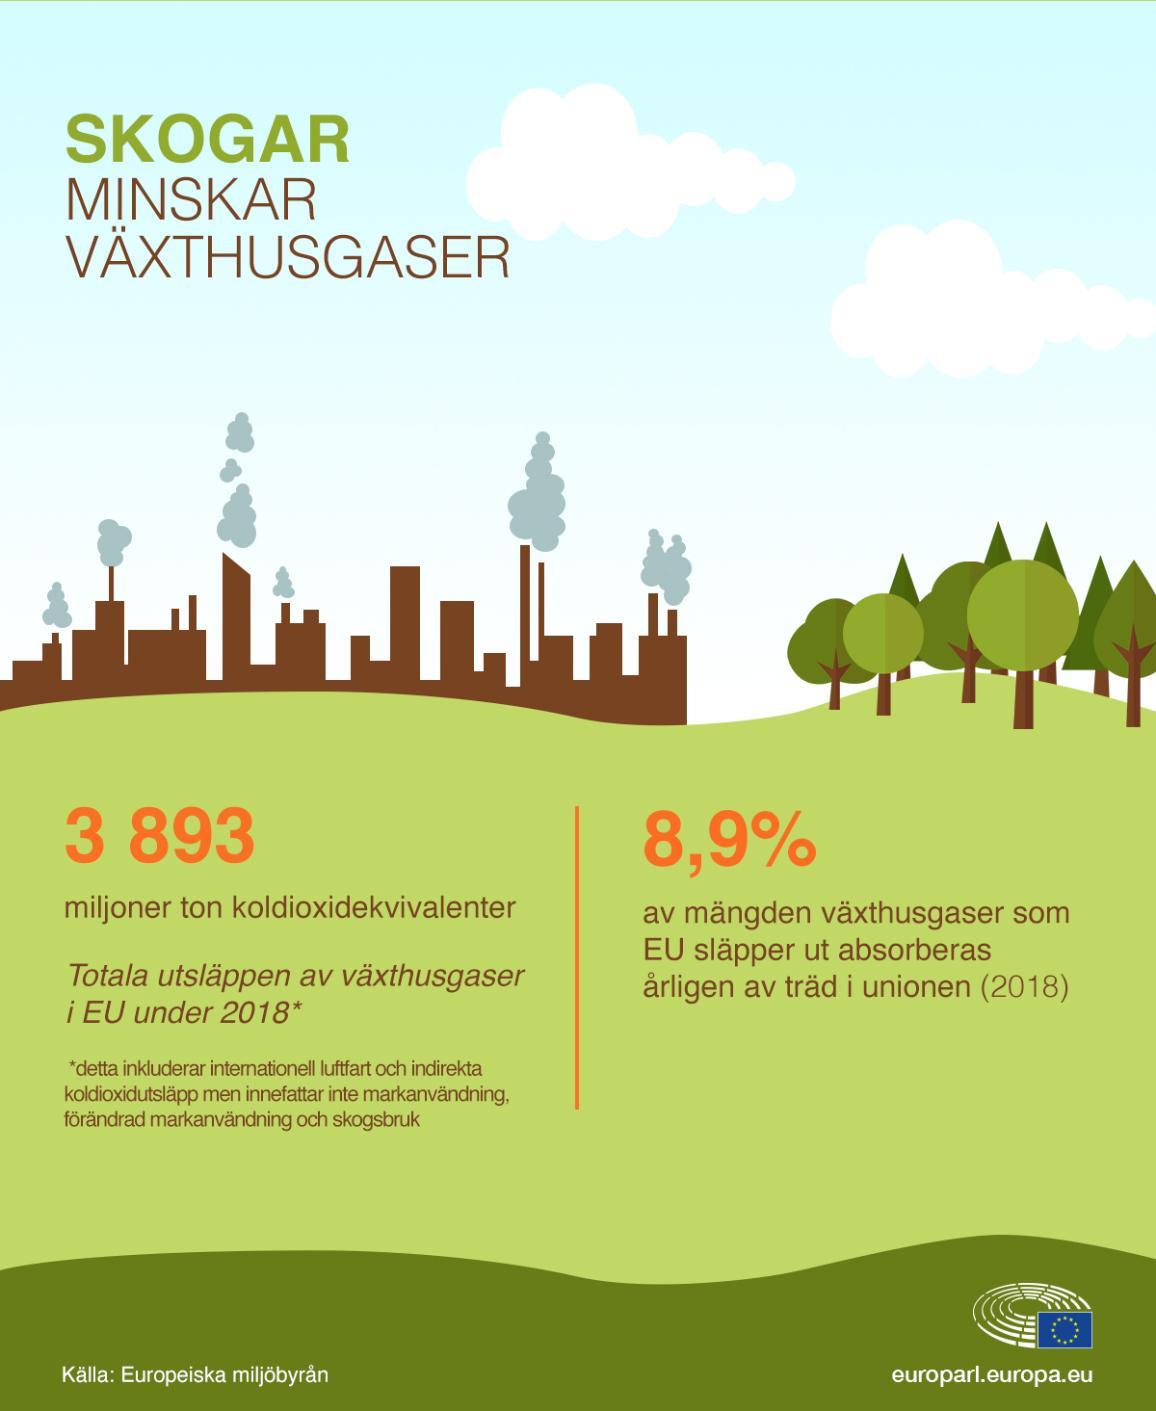 Nyhetsgrafik om hur skogar kompenserar koldioxidutsläpp